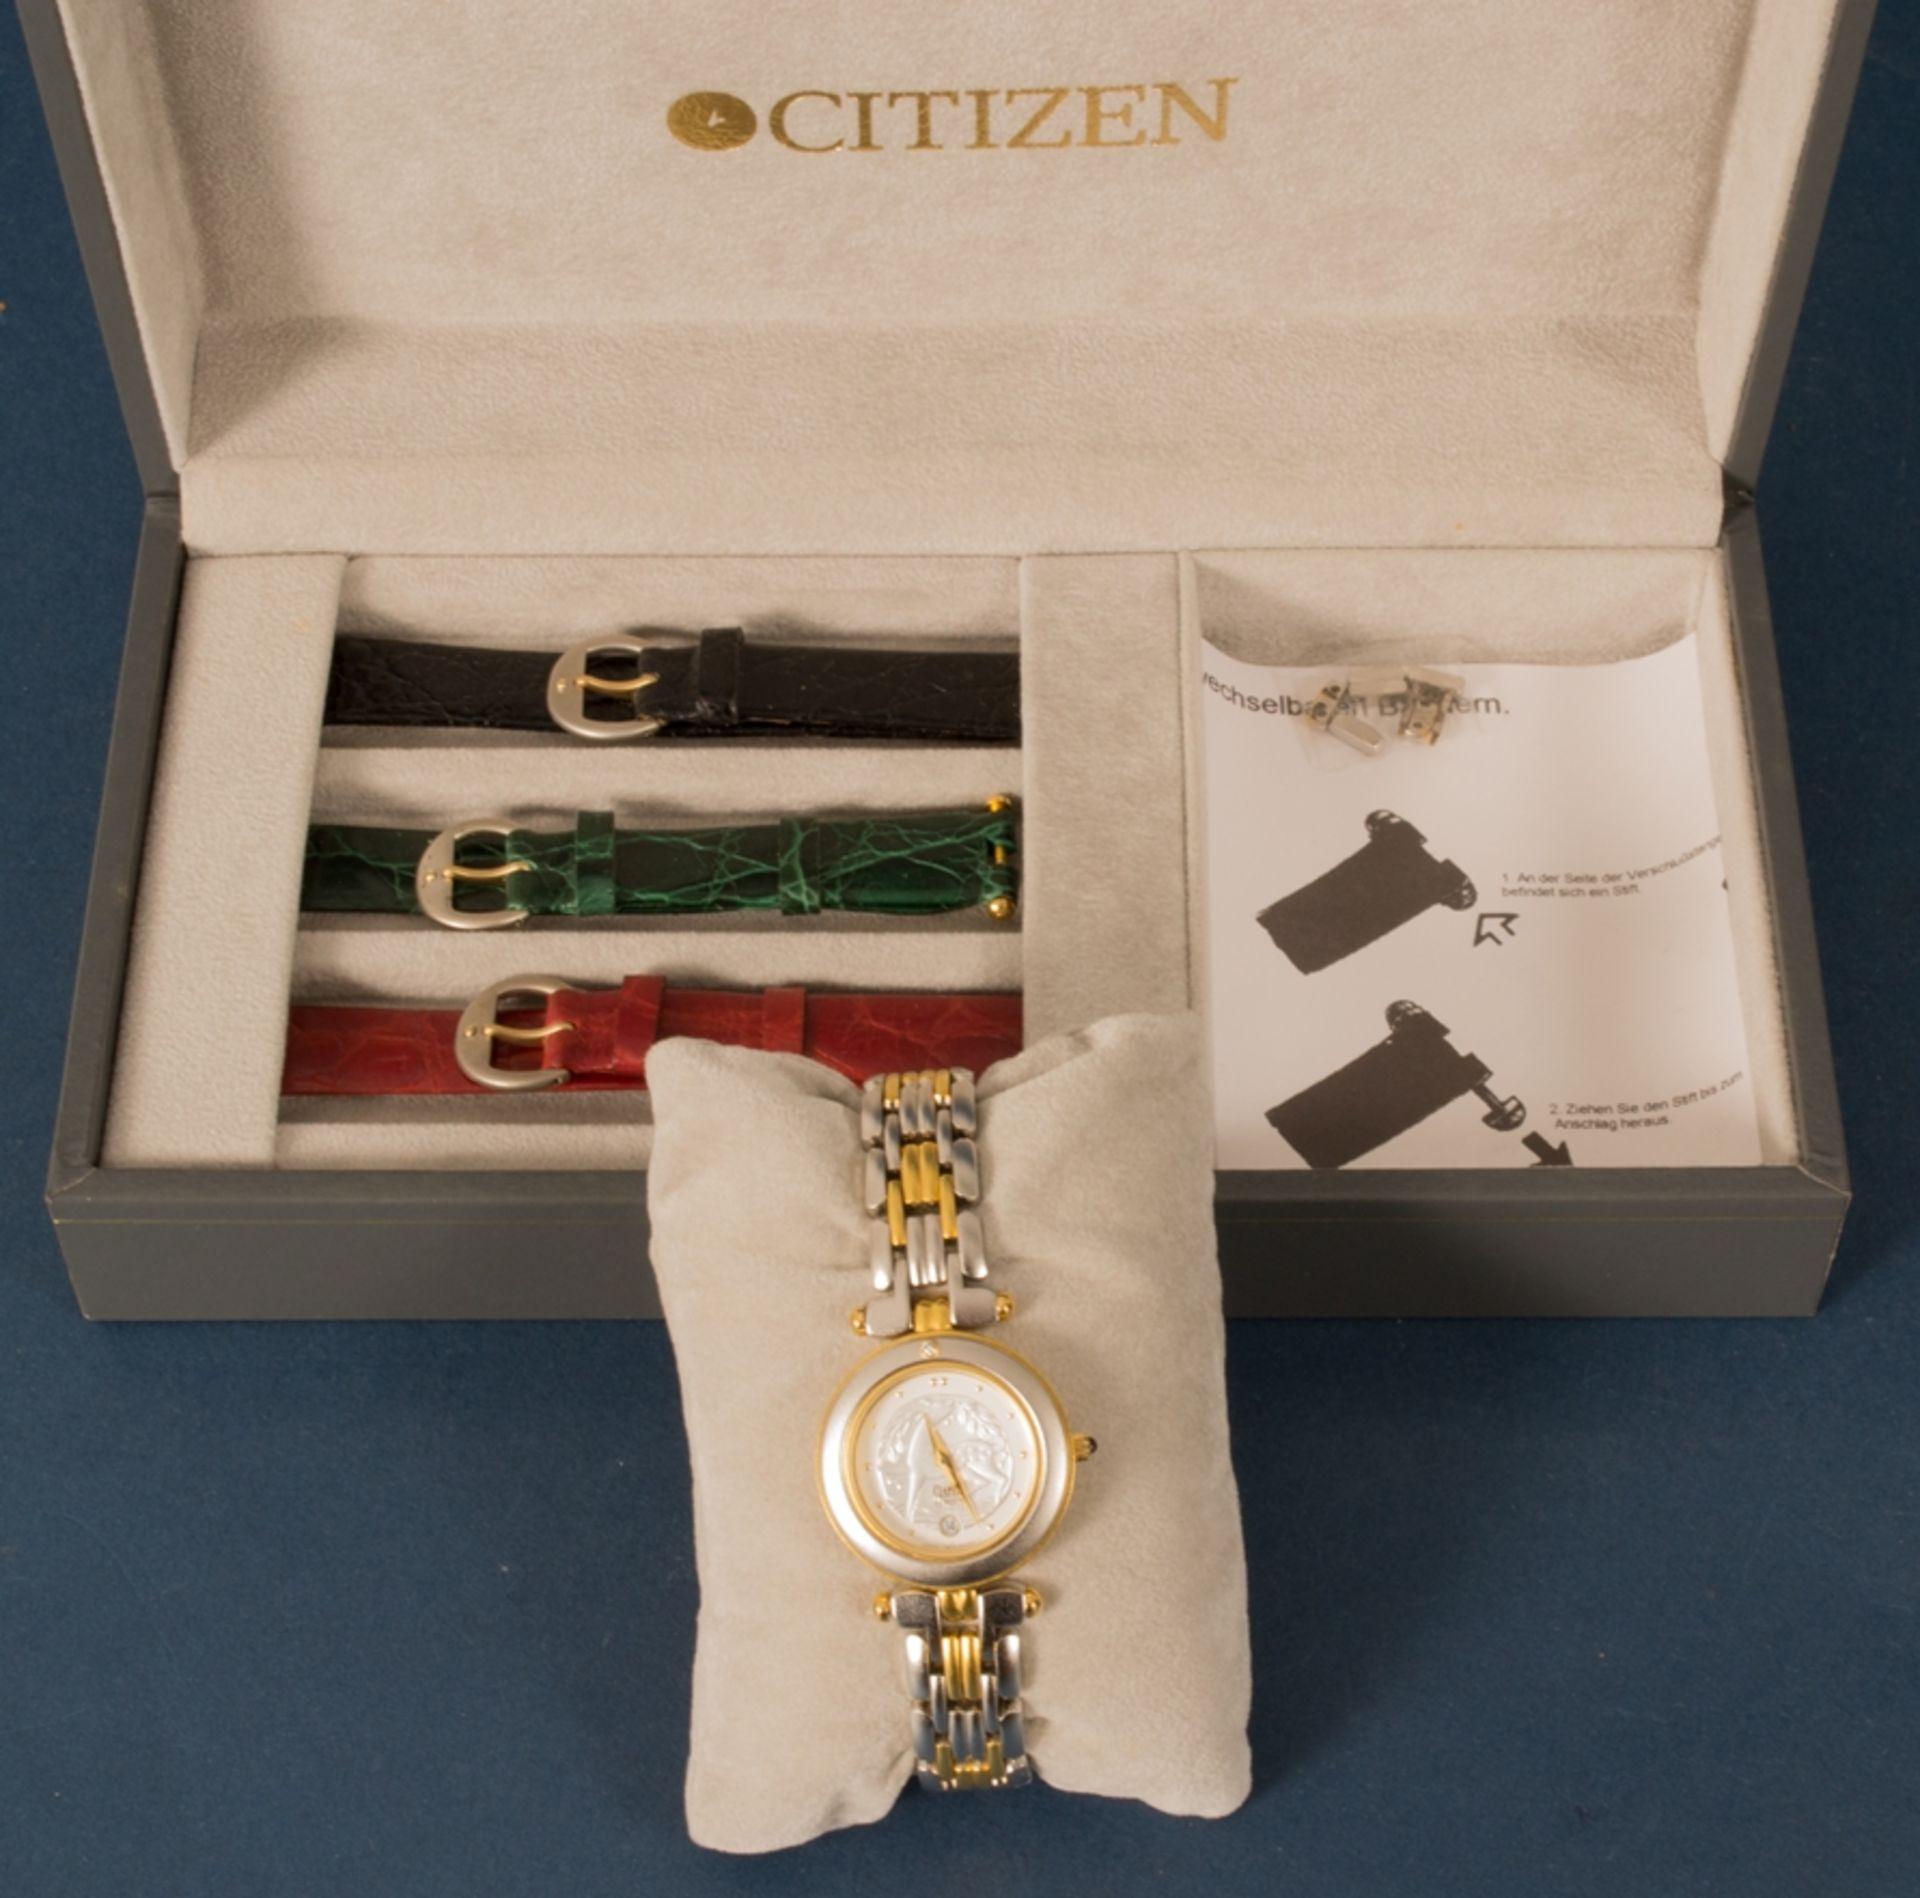 CITIZEN - CLARITI - BICOLOR (Stahl/Gold) Damenarmbanduhr, Ziffernblatt mit figürlicher Vignette (Reh - Bild 3 aus 8